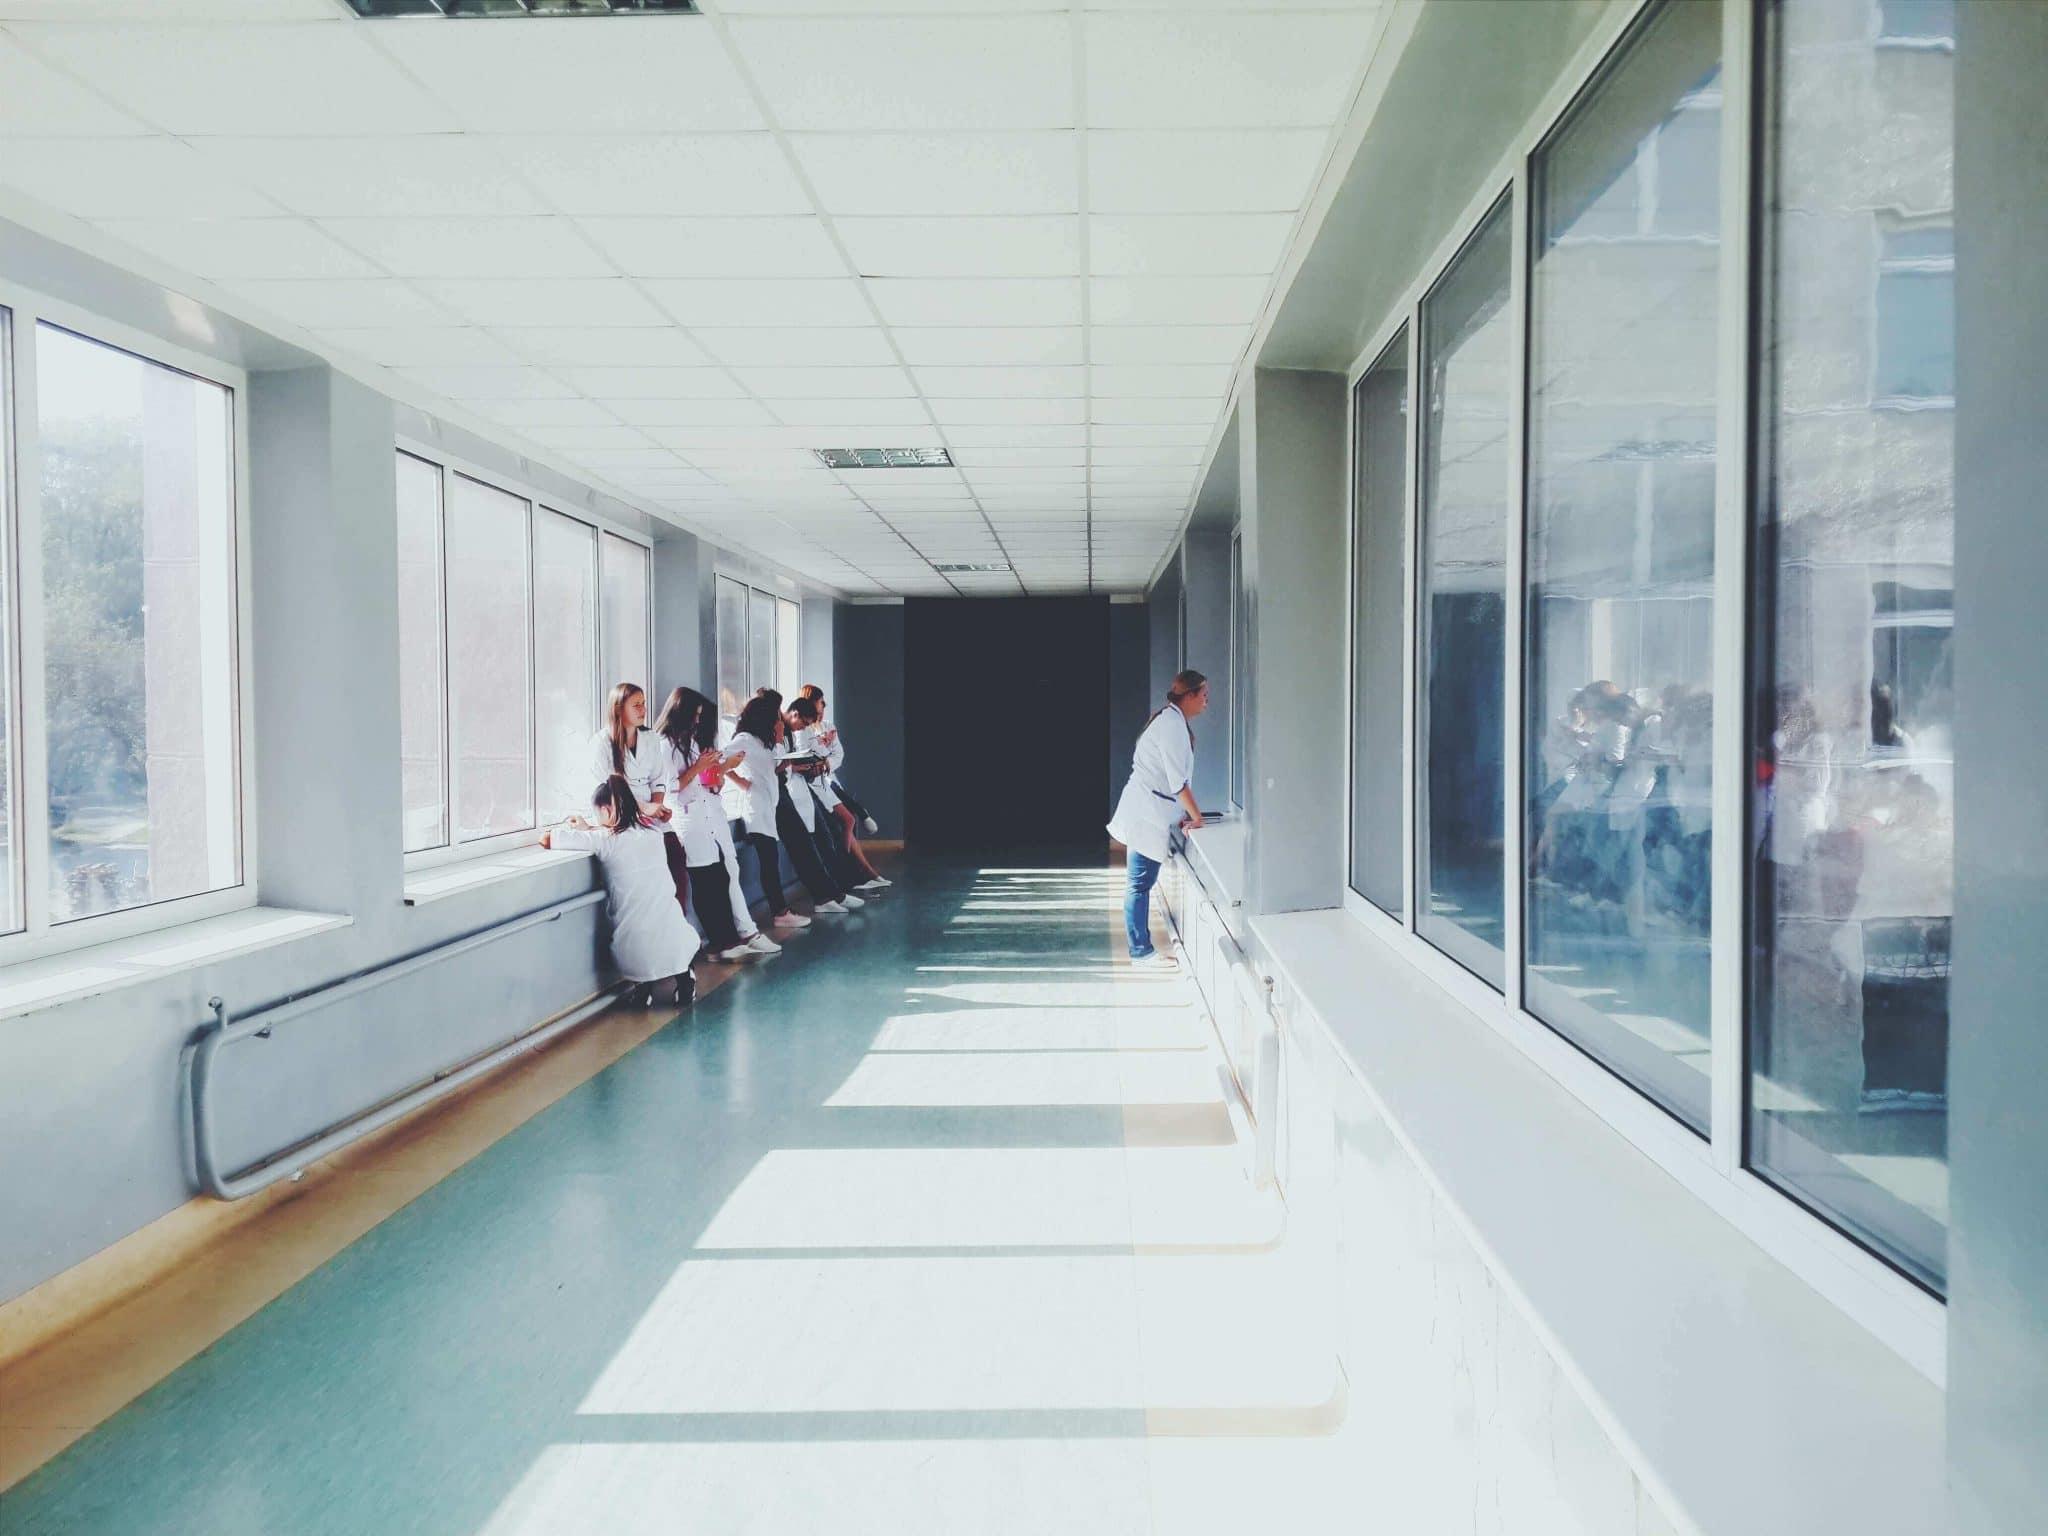 zarządznie placówką medyczną